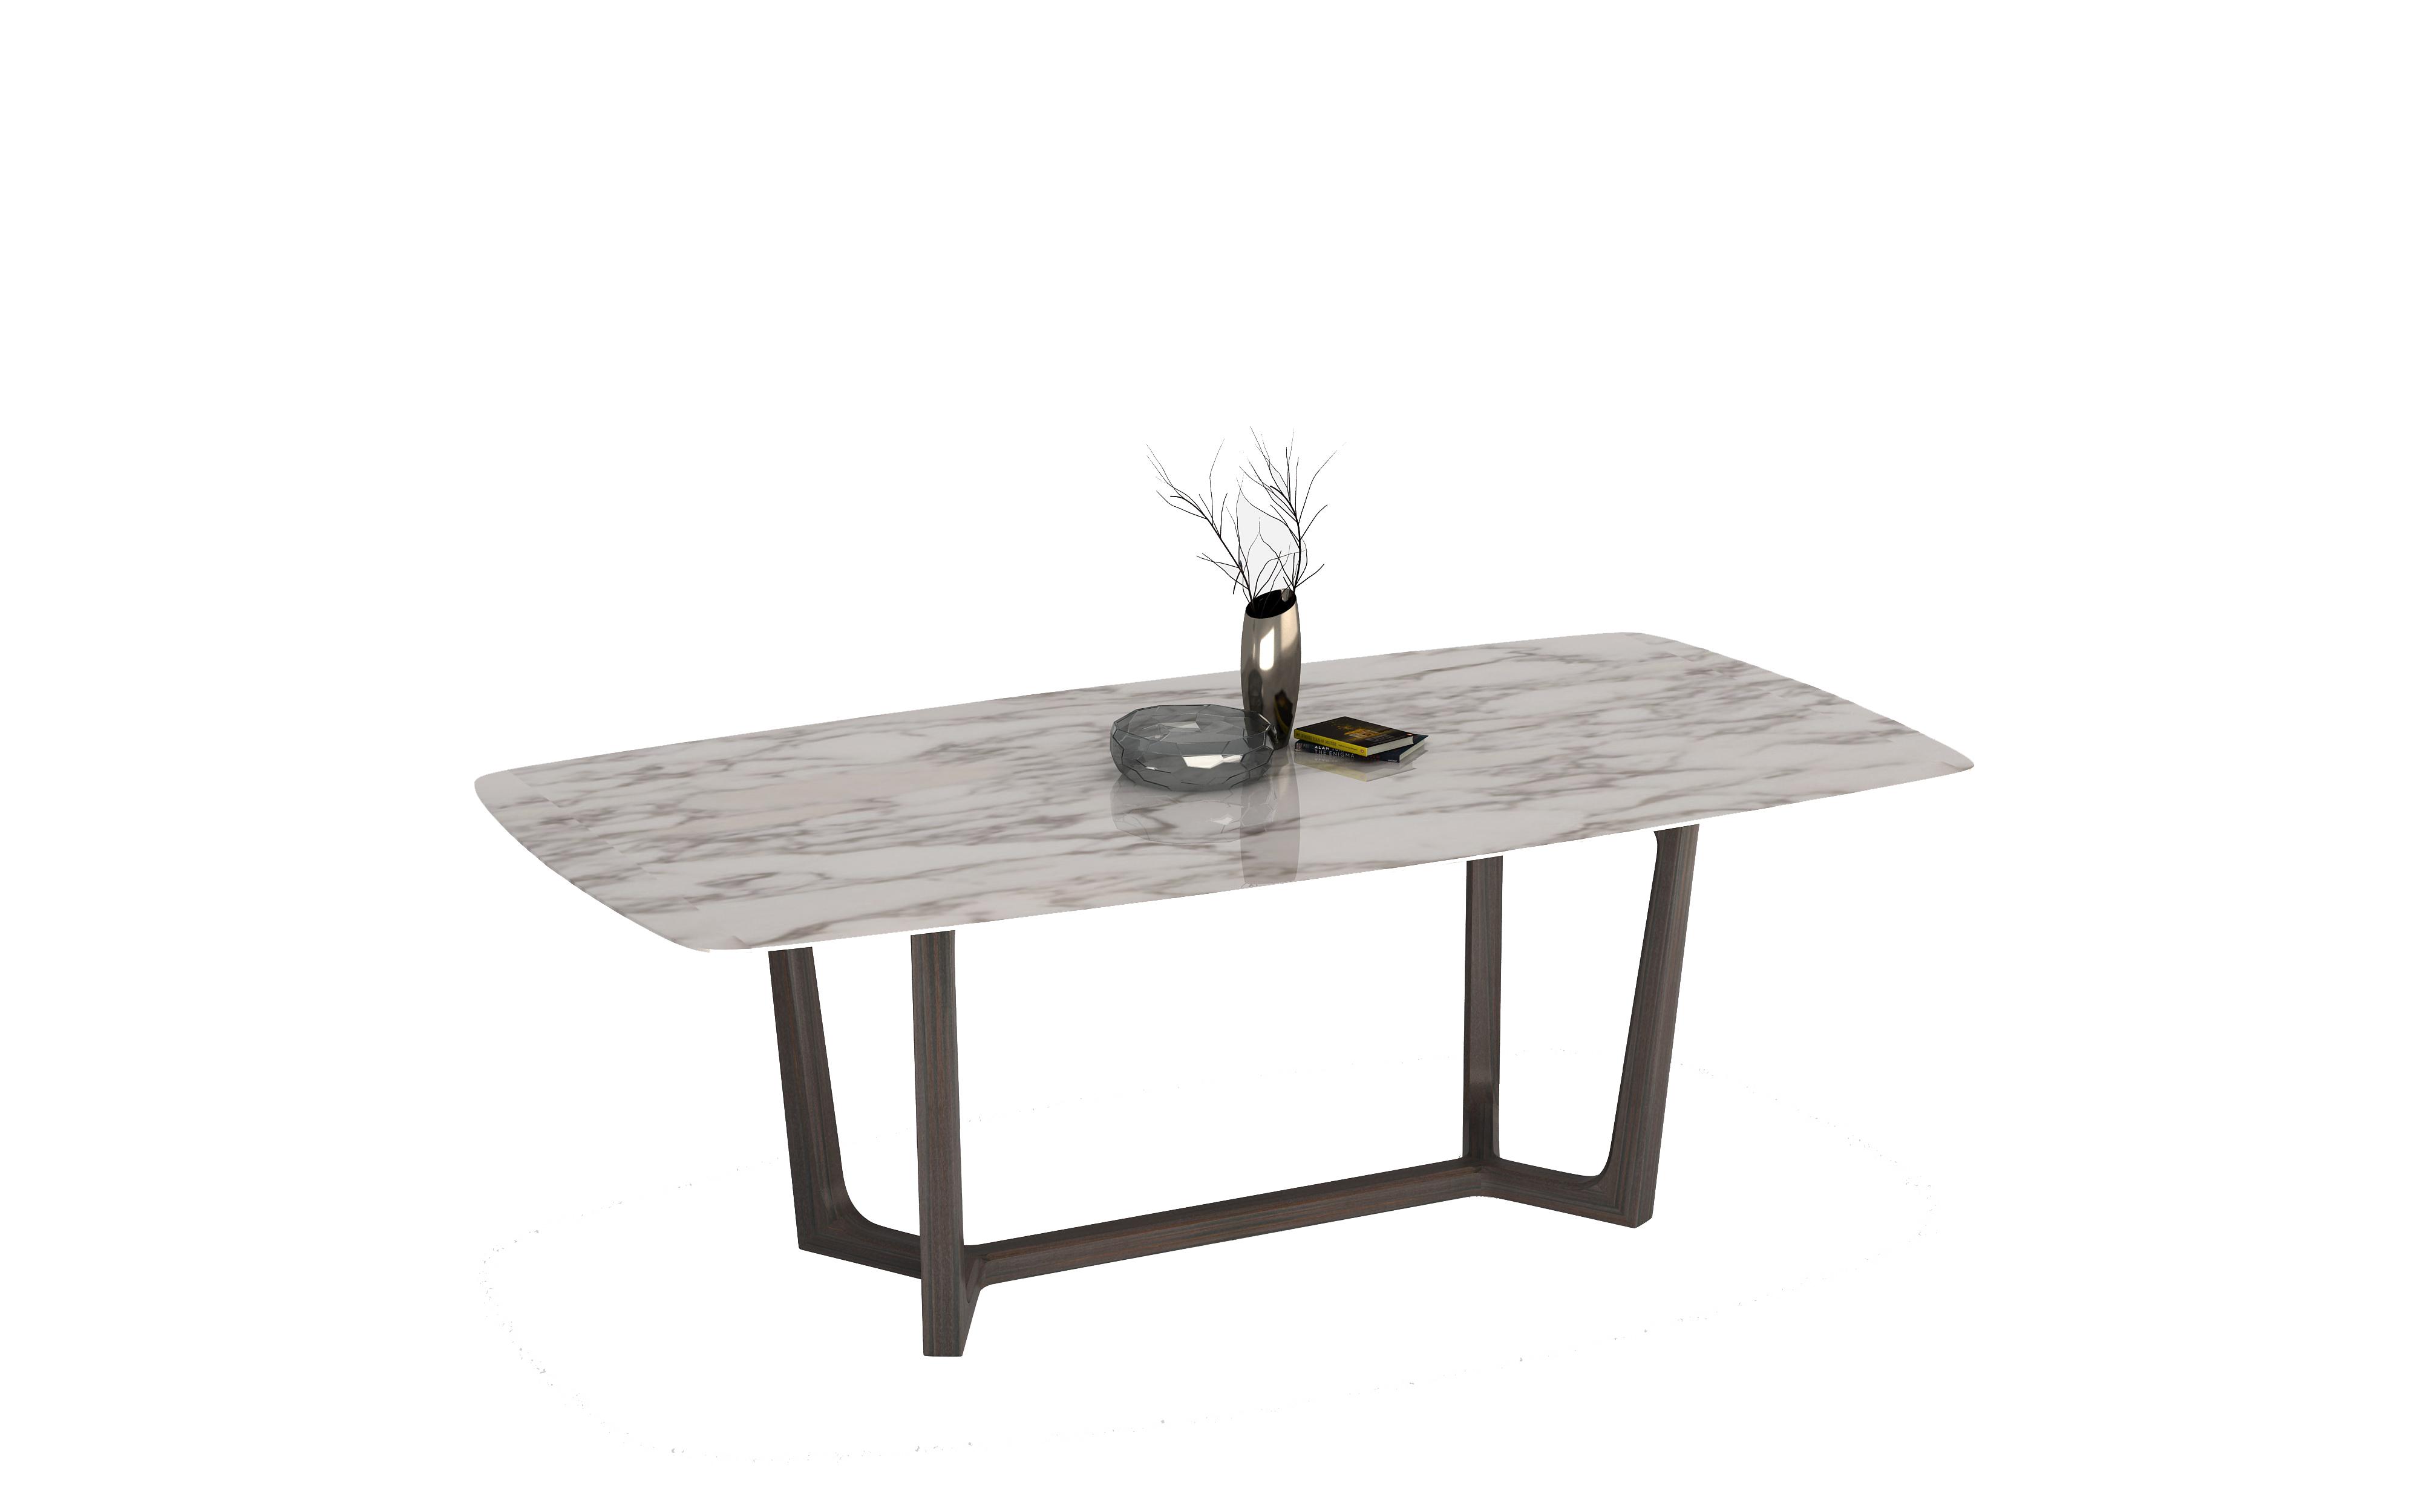 餐桌-5073-1长餐台2.0